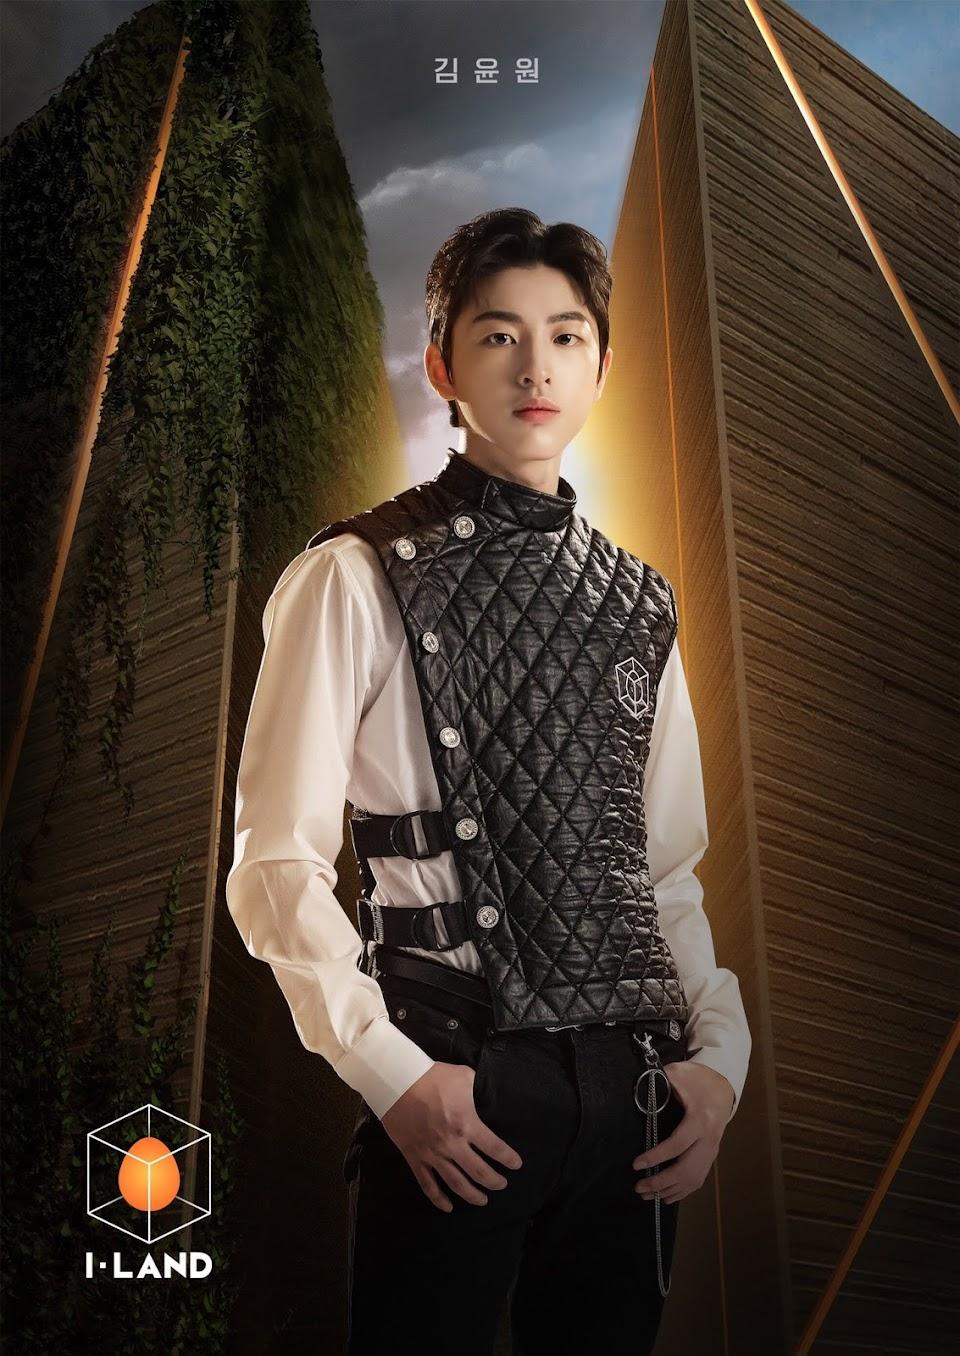 yoonwon